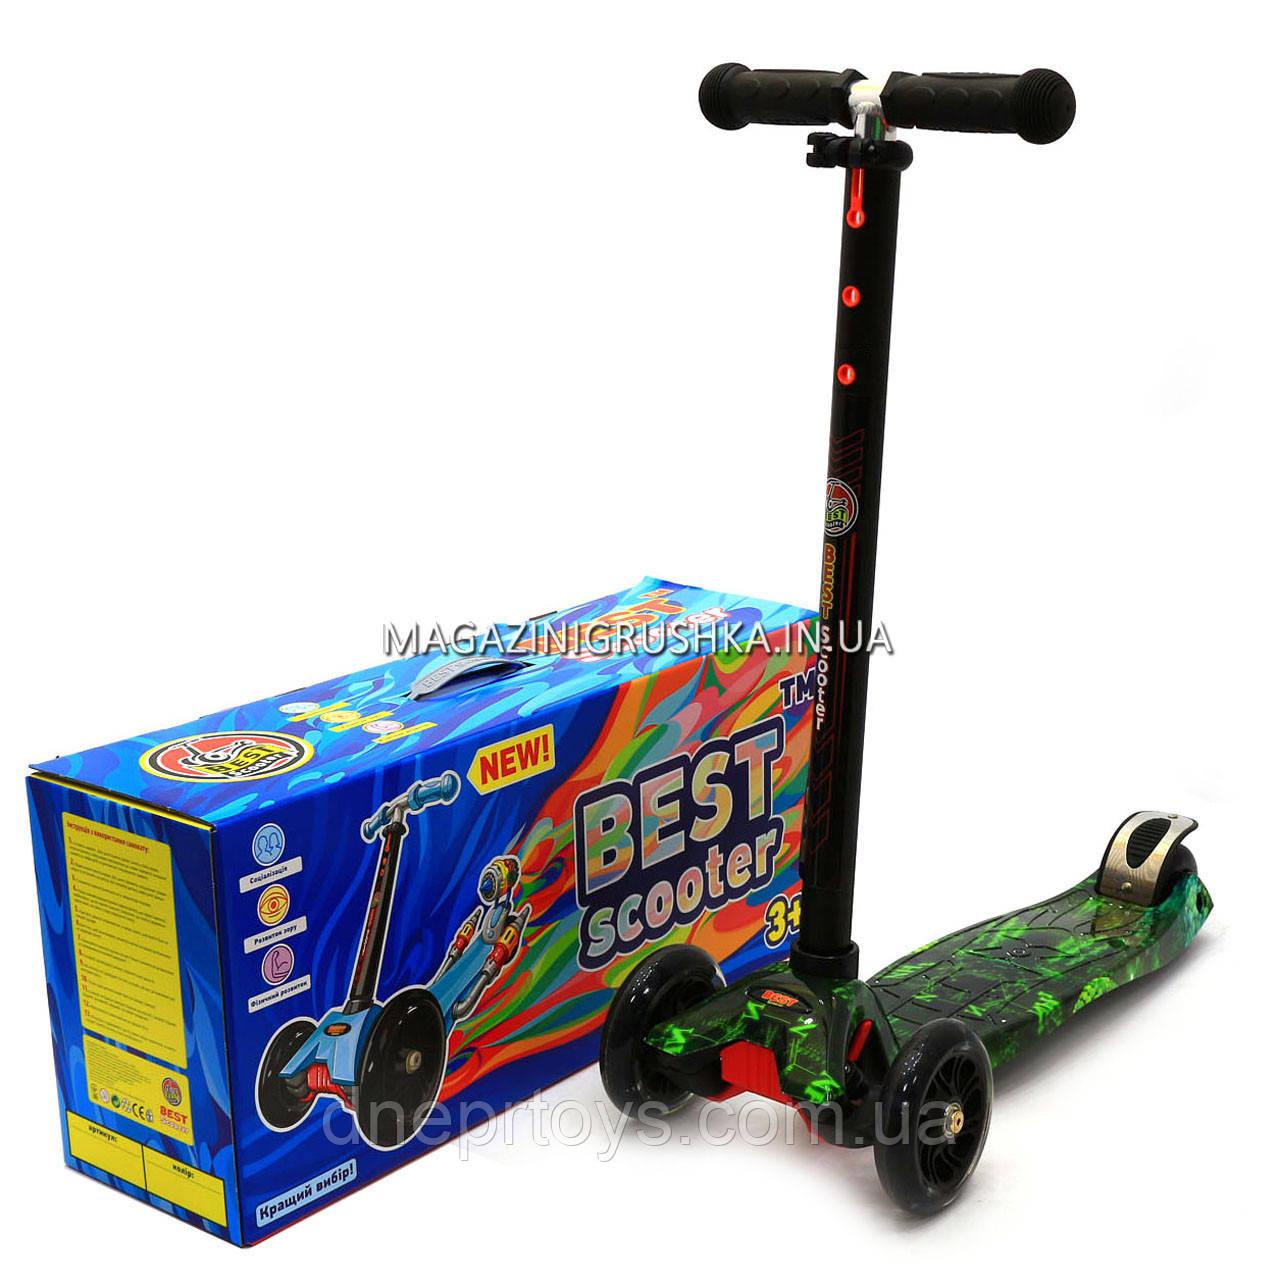 Триколісний самокат Scooter з світяться колеса для дітей і підлітків весна-літо 779-1317 Люди Х